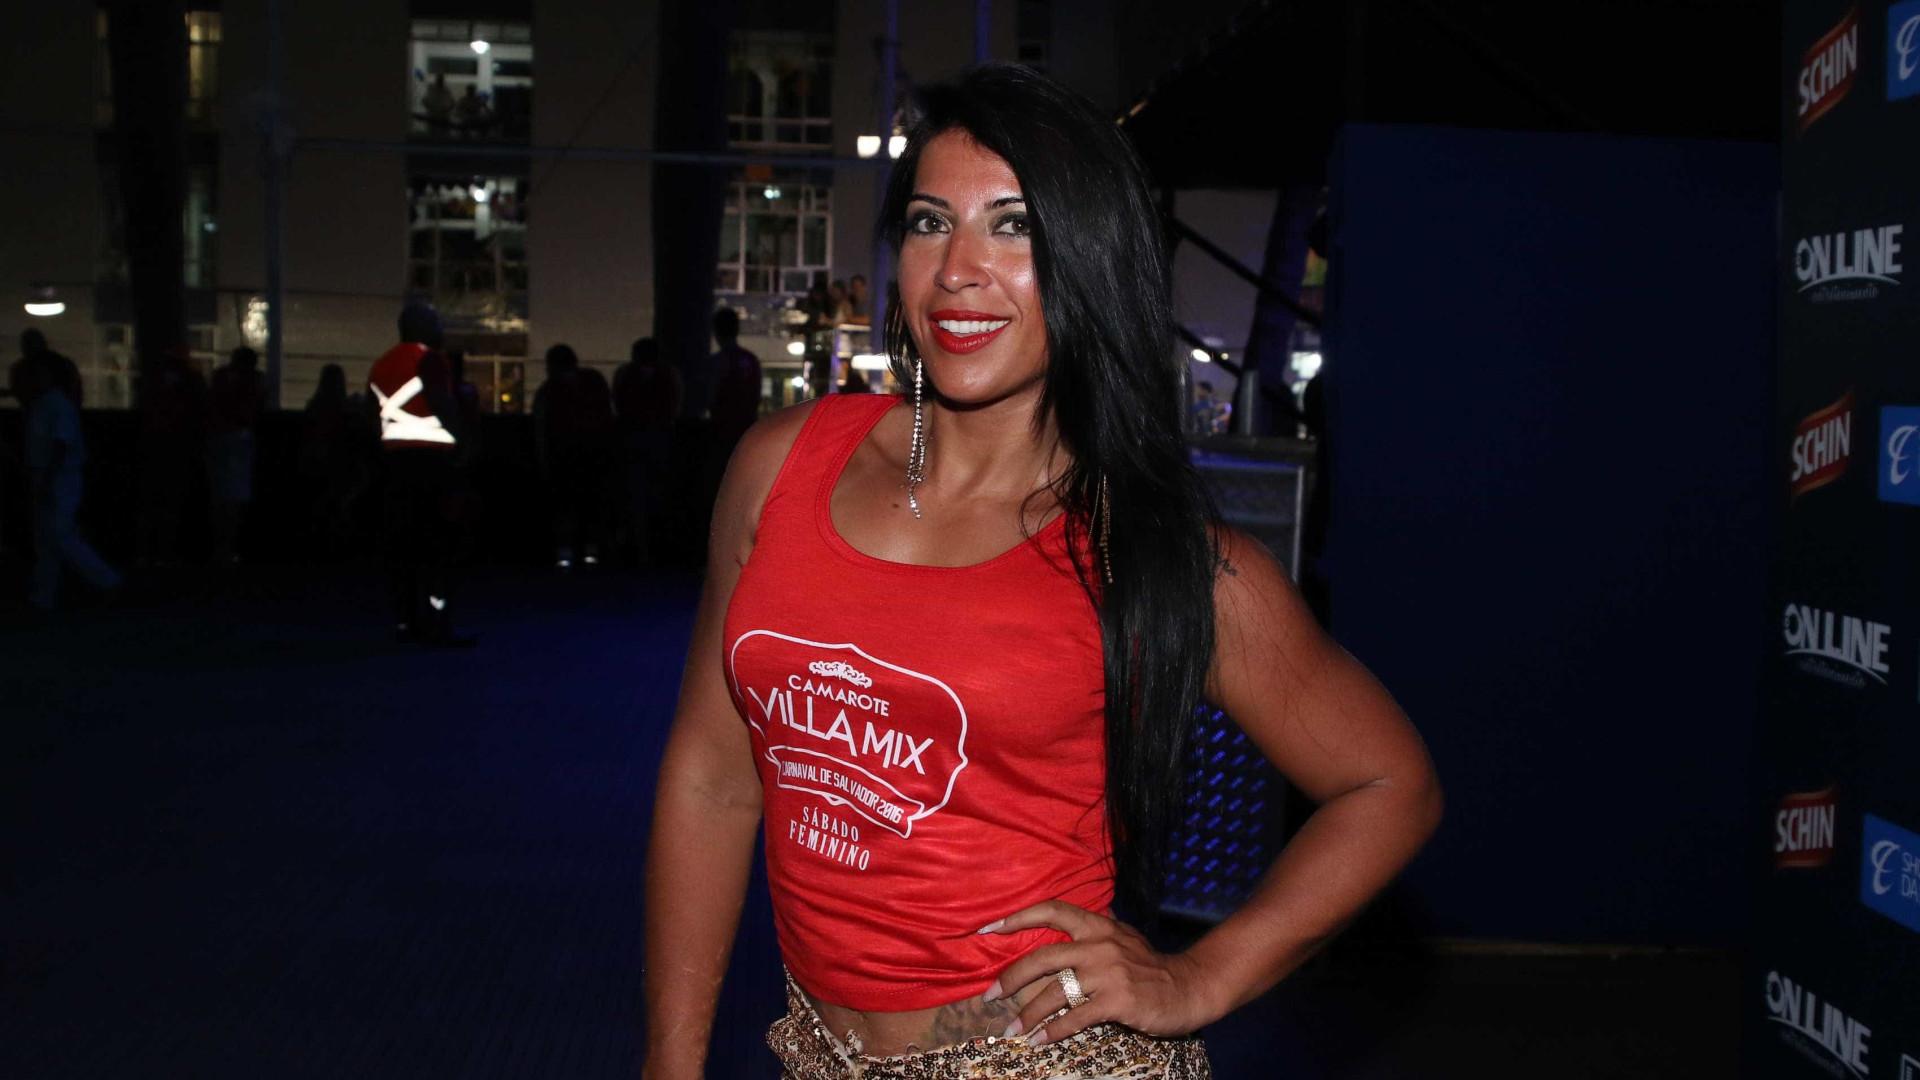 Priscila Pires vai a delegacia buscar filhos após ex ser preso